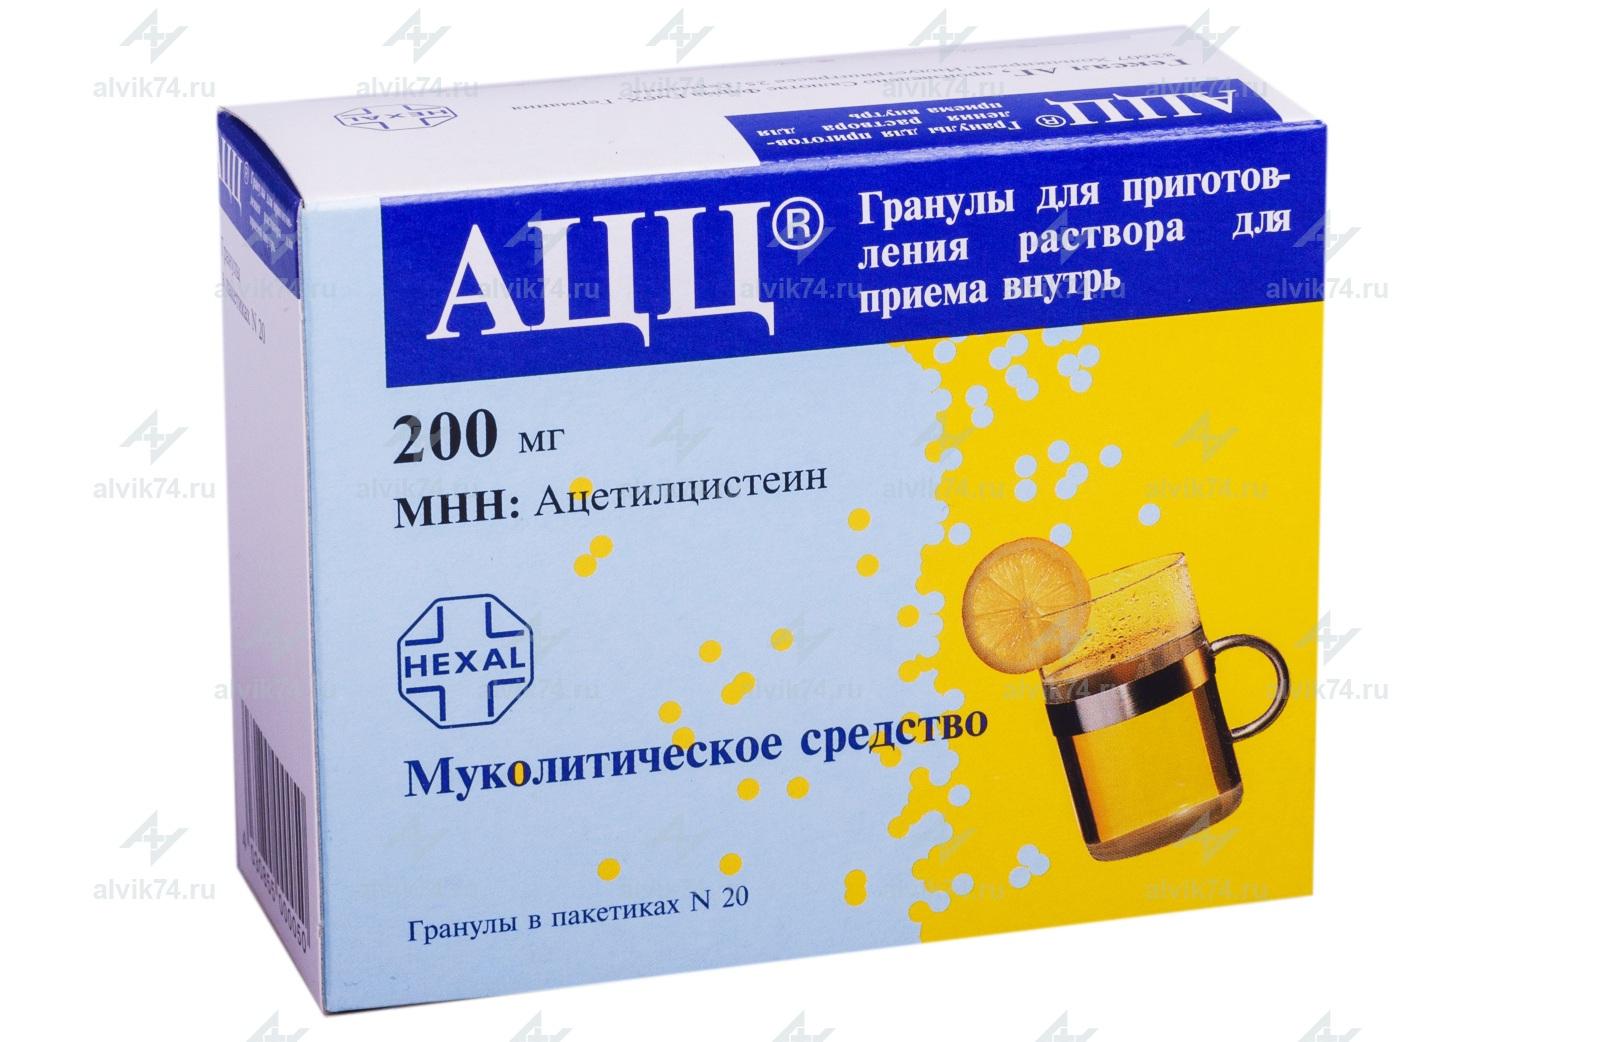 Доказанный эффект  ацетилцистеина (АЦЦ) и  новые направления применения